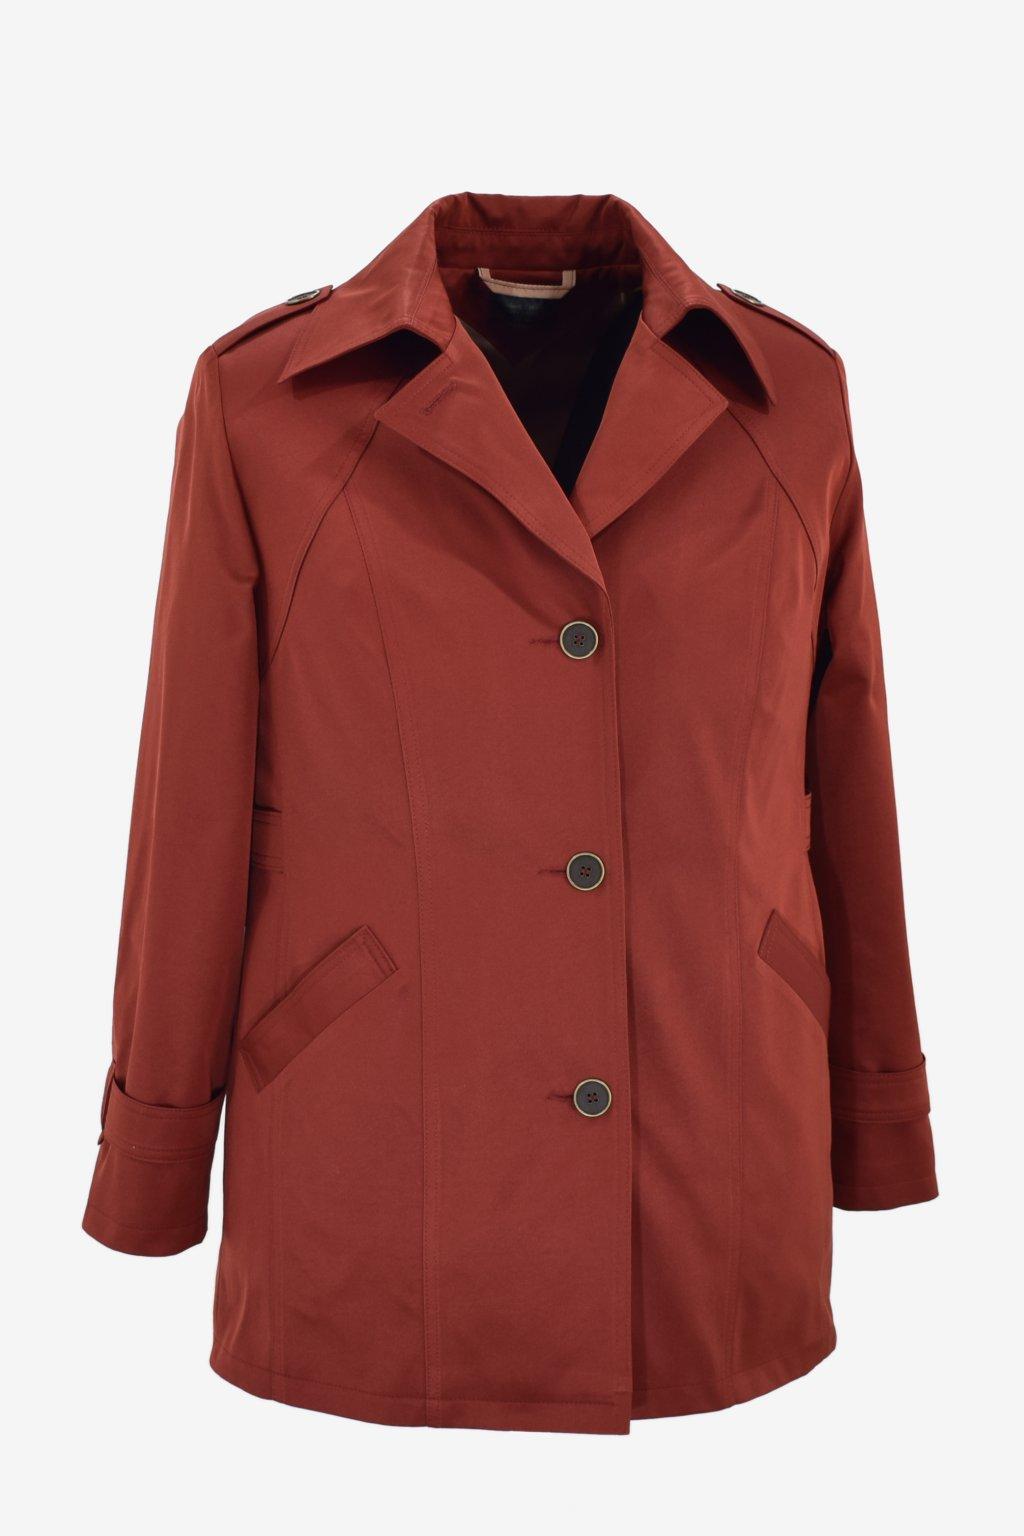 Dámský hnědý jarní kabátek Klára nadměrné velikosti.